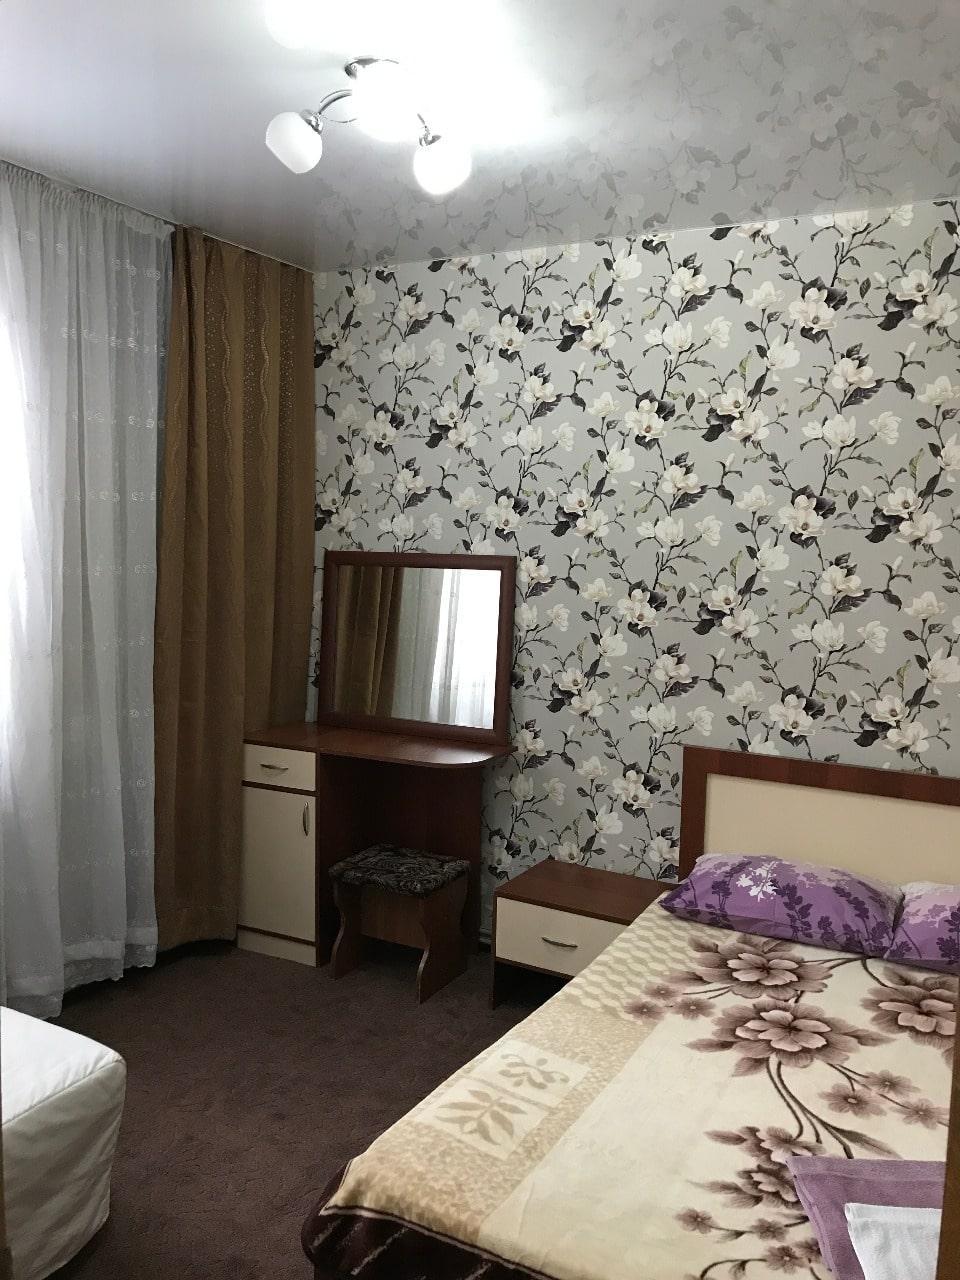 Продаётся гостевой дом у моря 483 м2 - image img_2171-min on https://bizneskvartal.ru